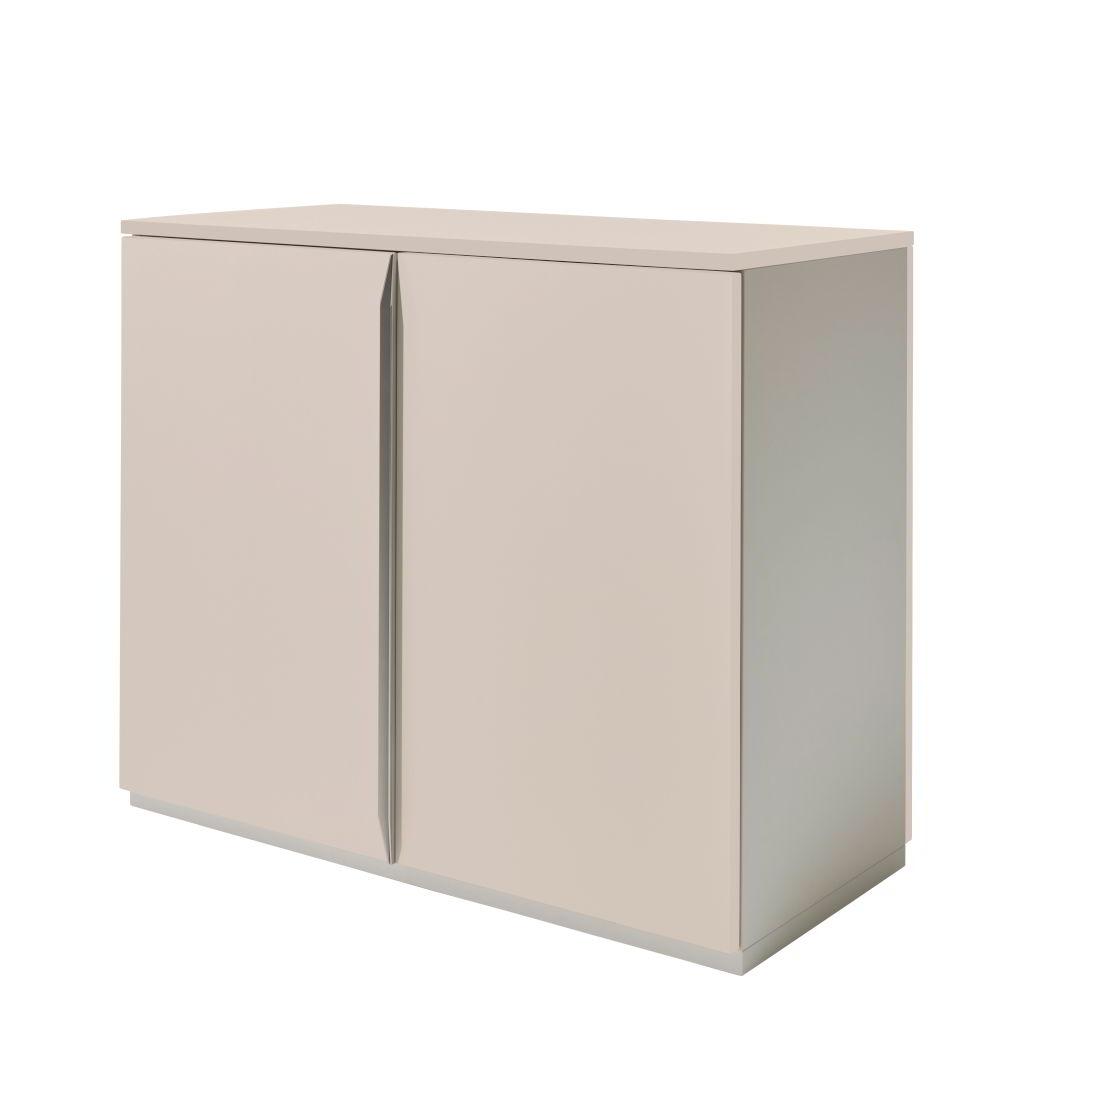 modular16 kommode mit t ren von m ller m belwerkst tten bei. Black Bedroom Furniture Sets. Home Design Ideas